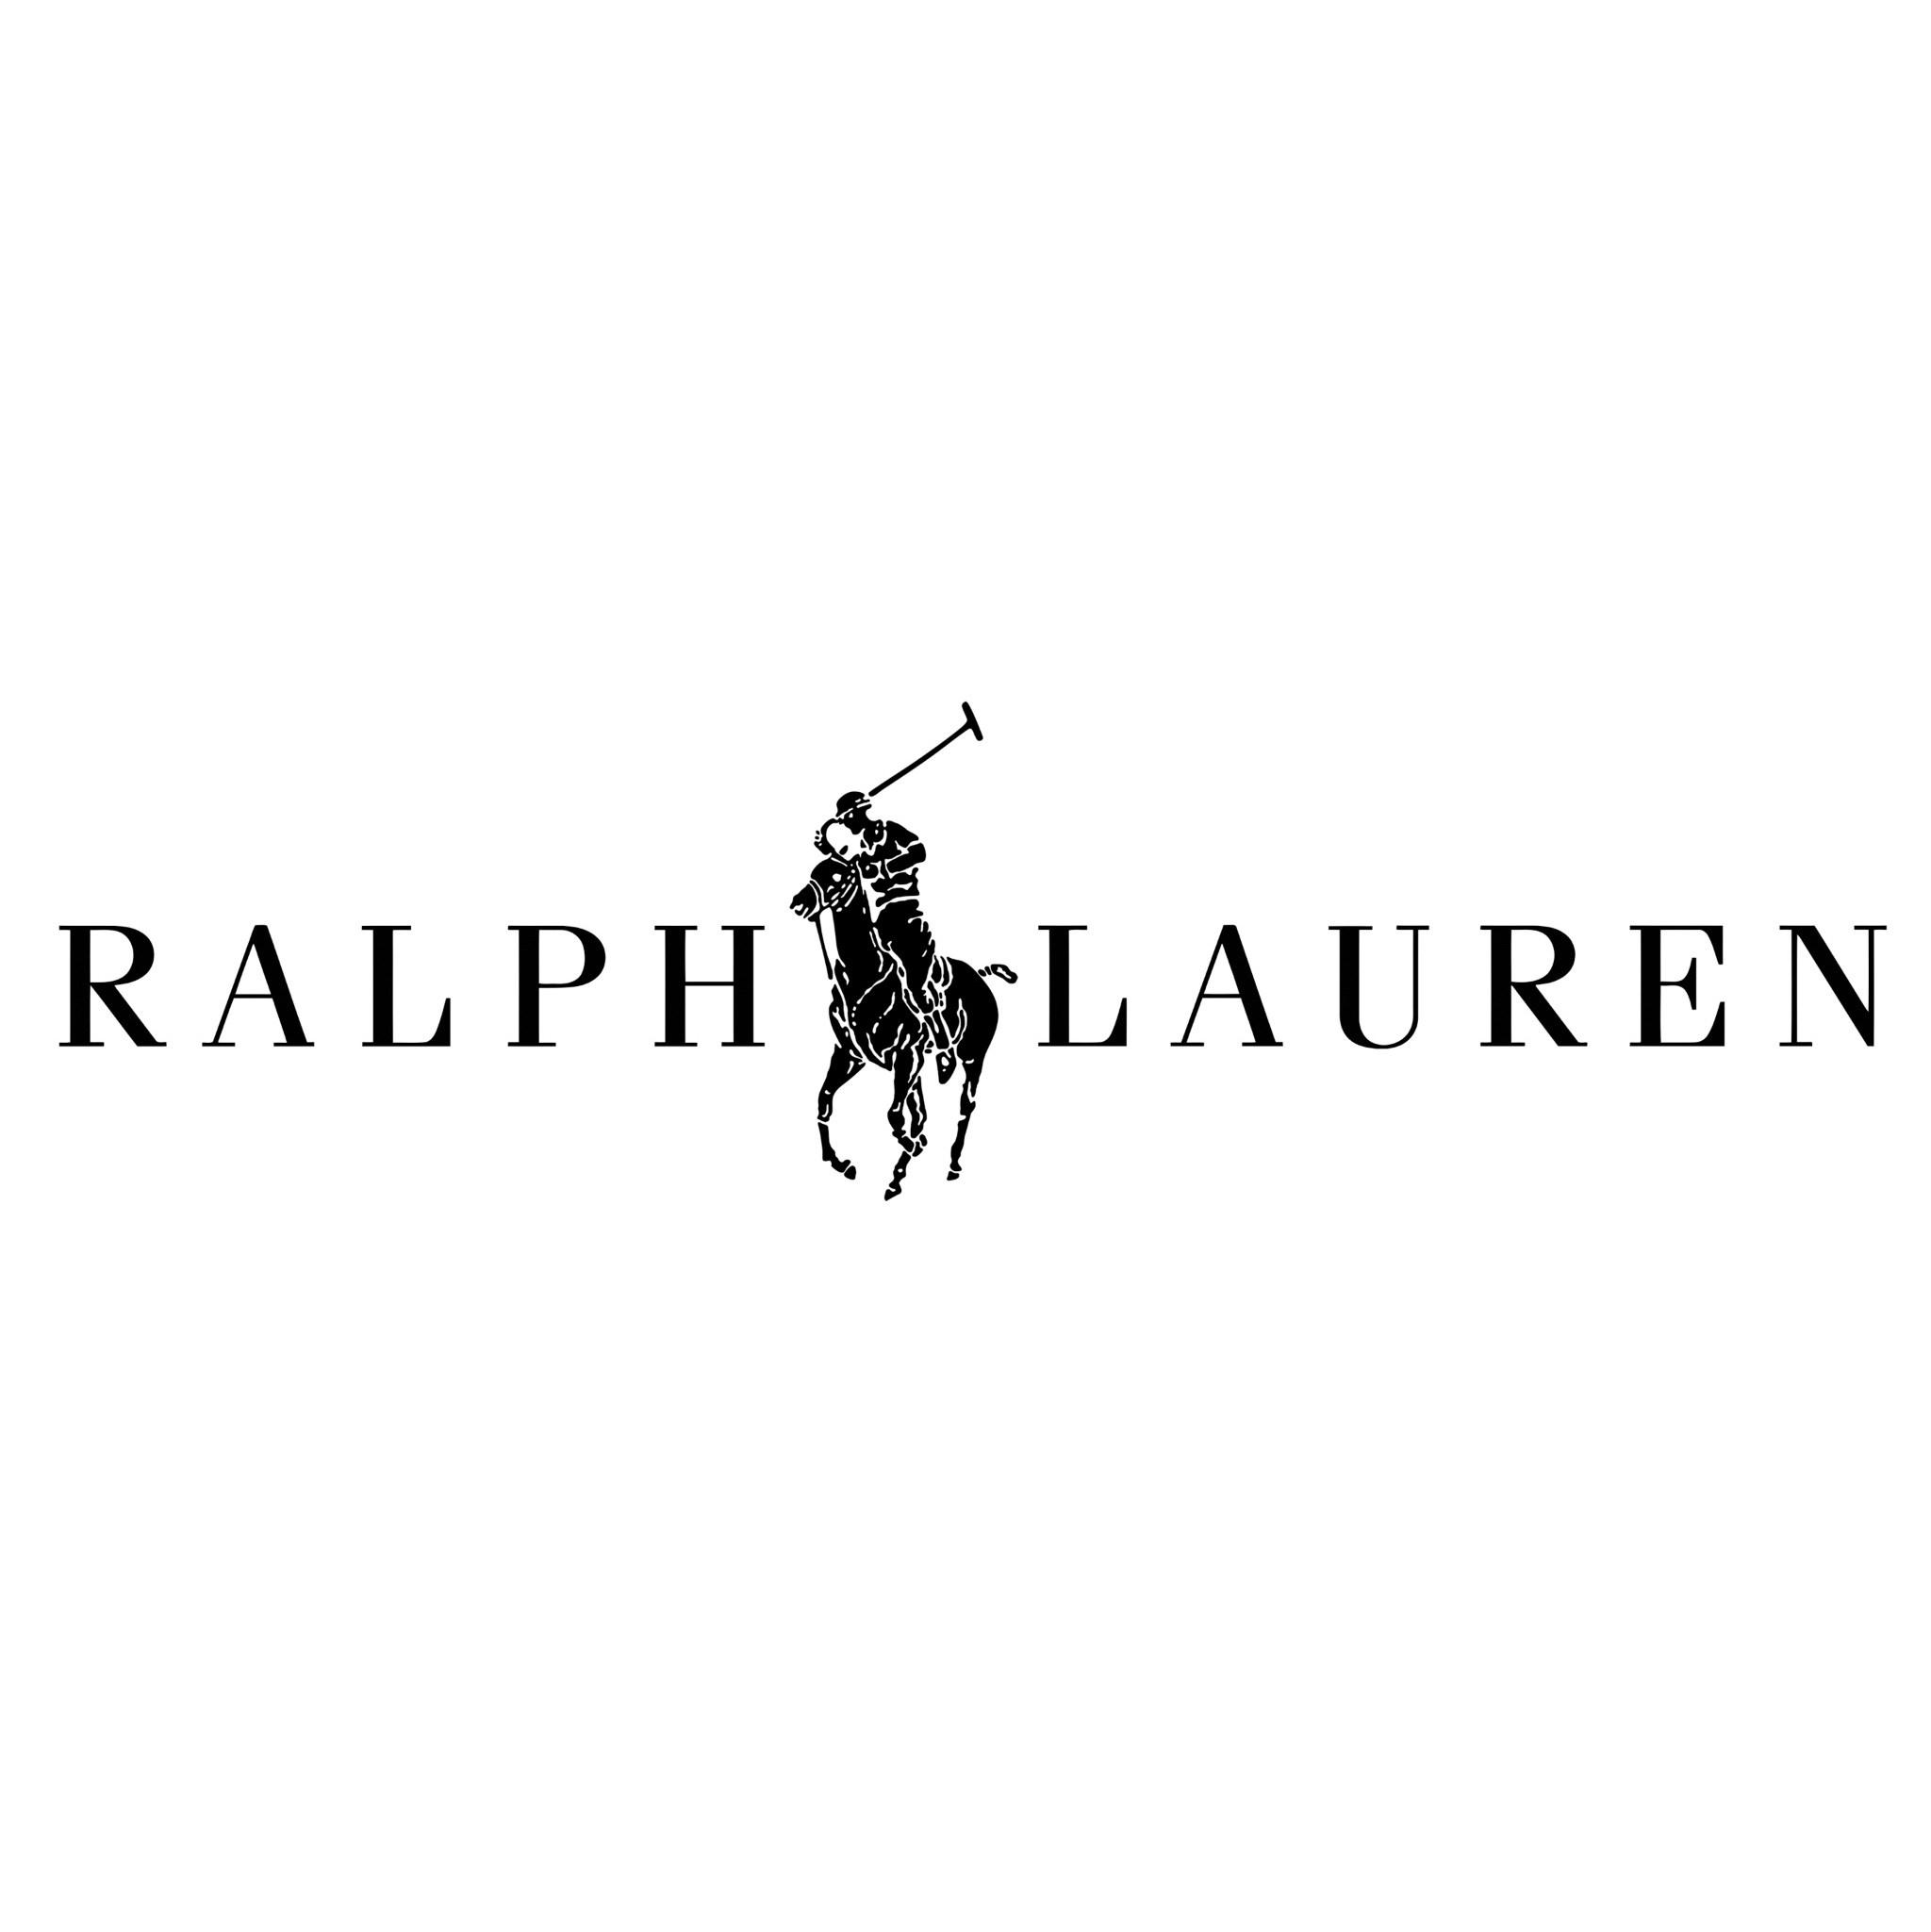 Ralph Lauren(ラルフローレン)のイメージ画像